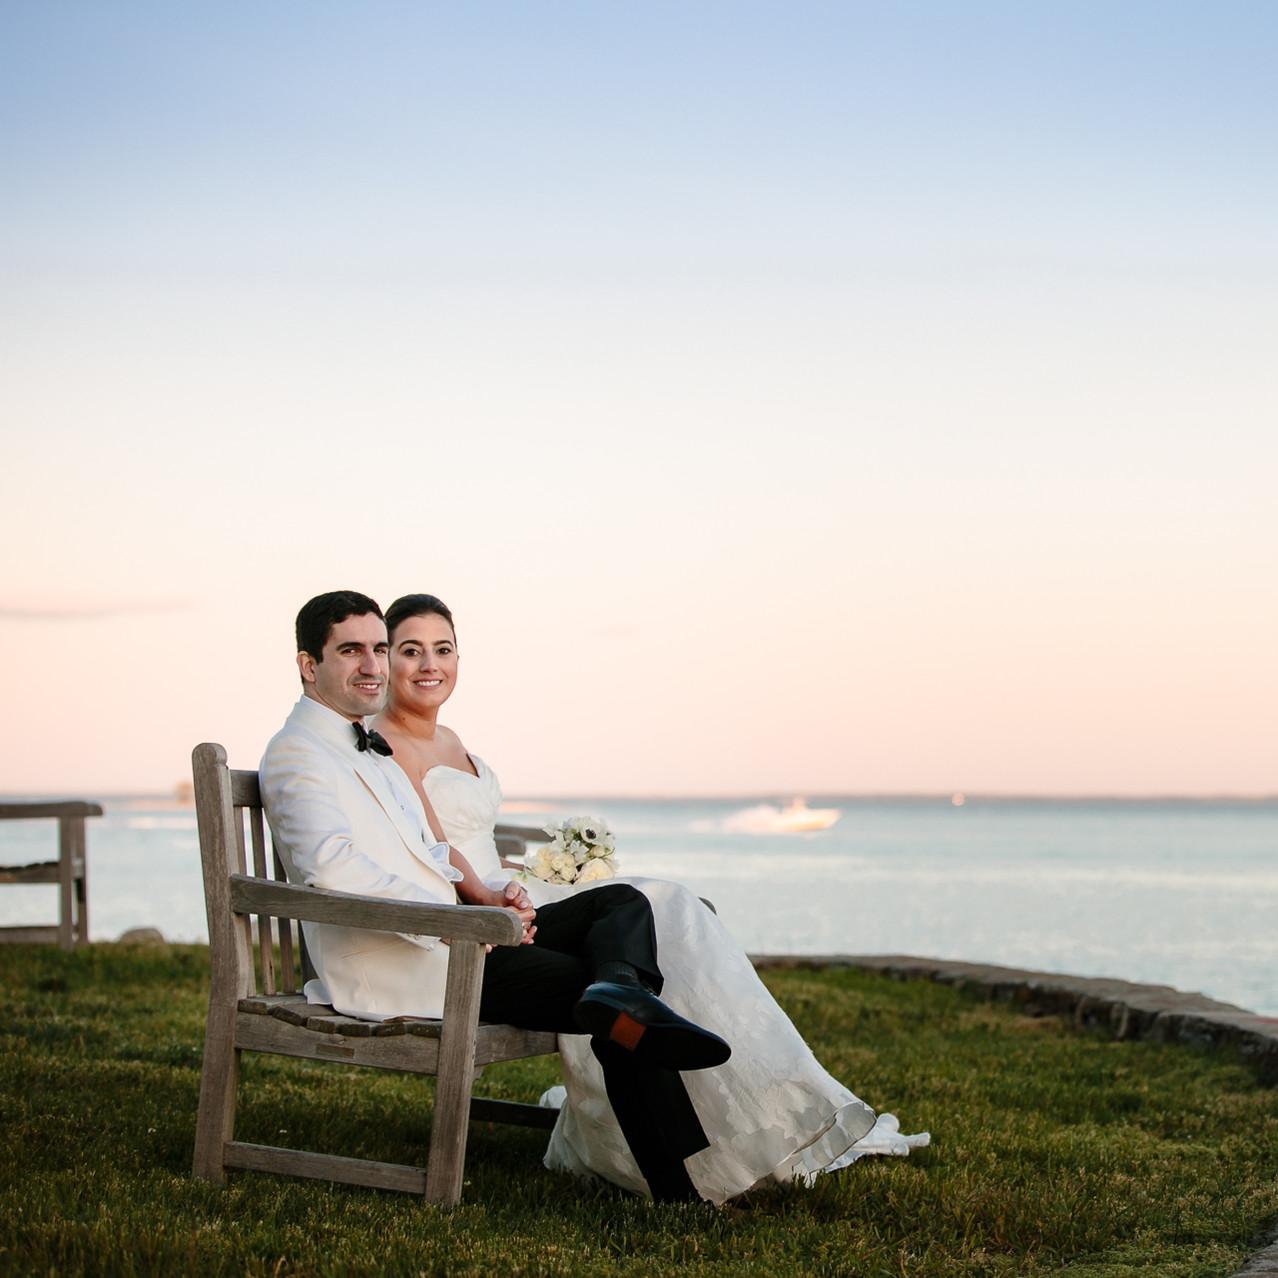 0377_Claudine_and_Eugenio's_Wedding_phot